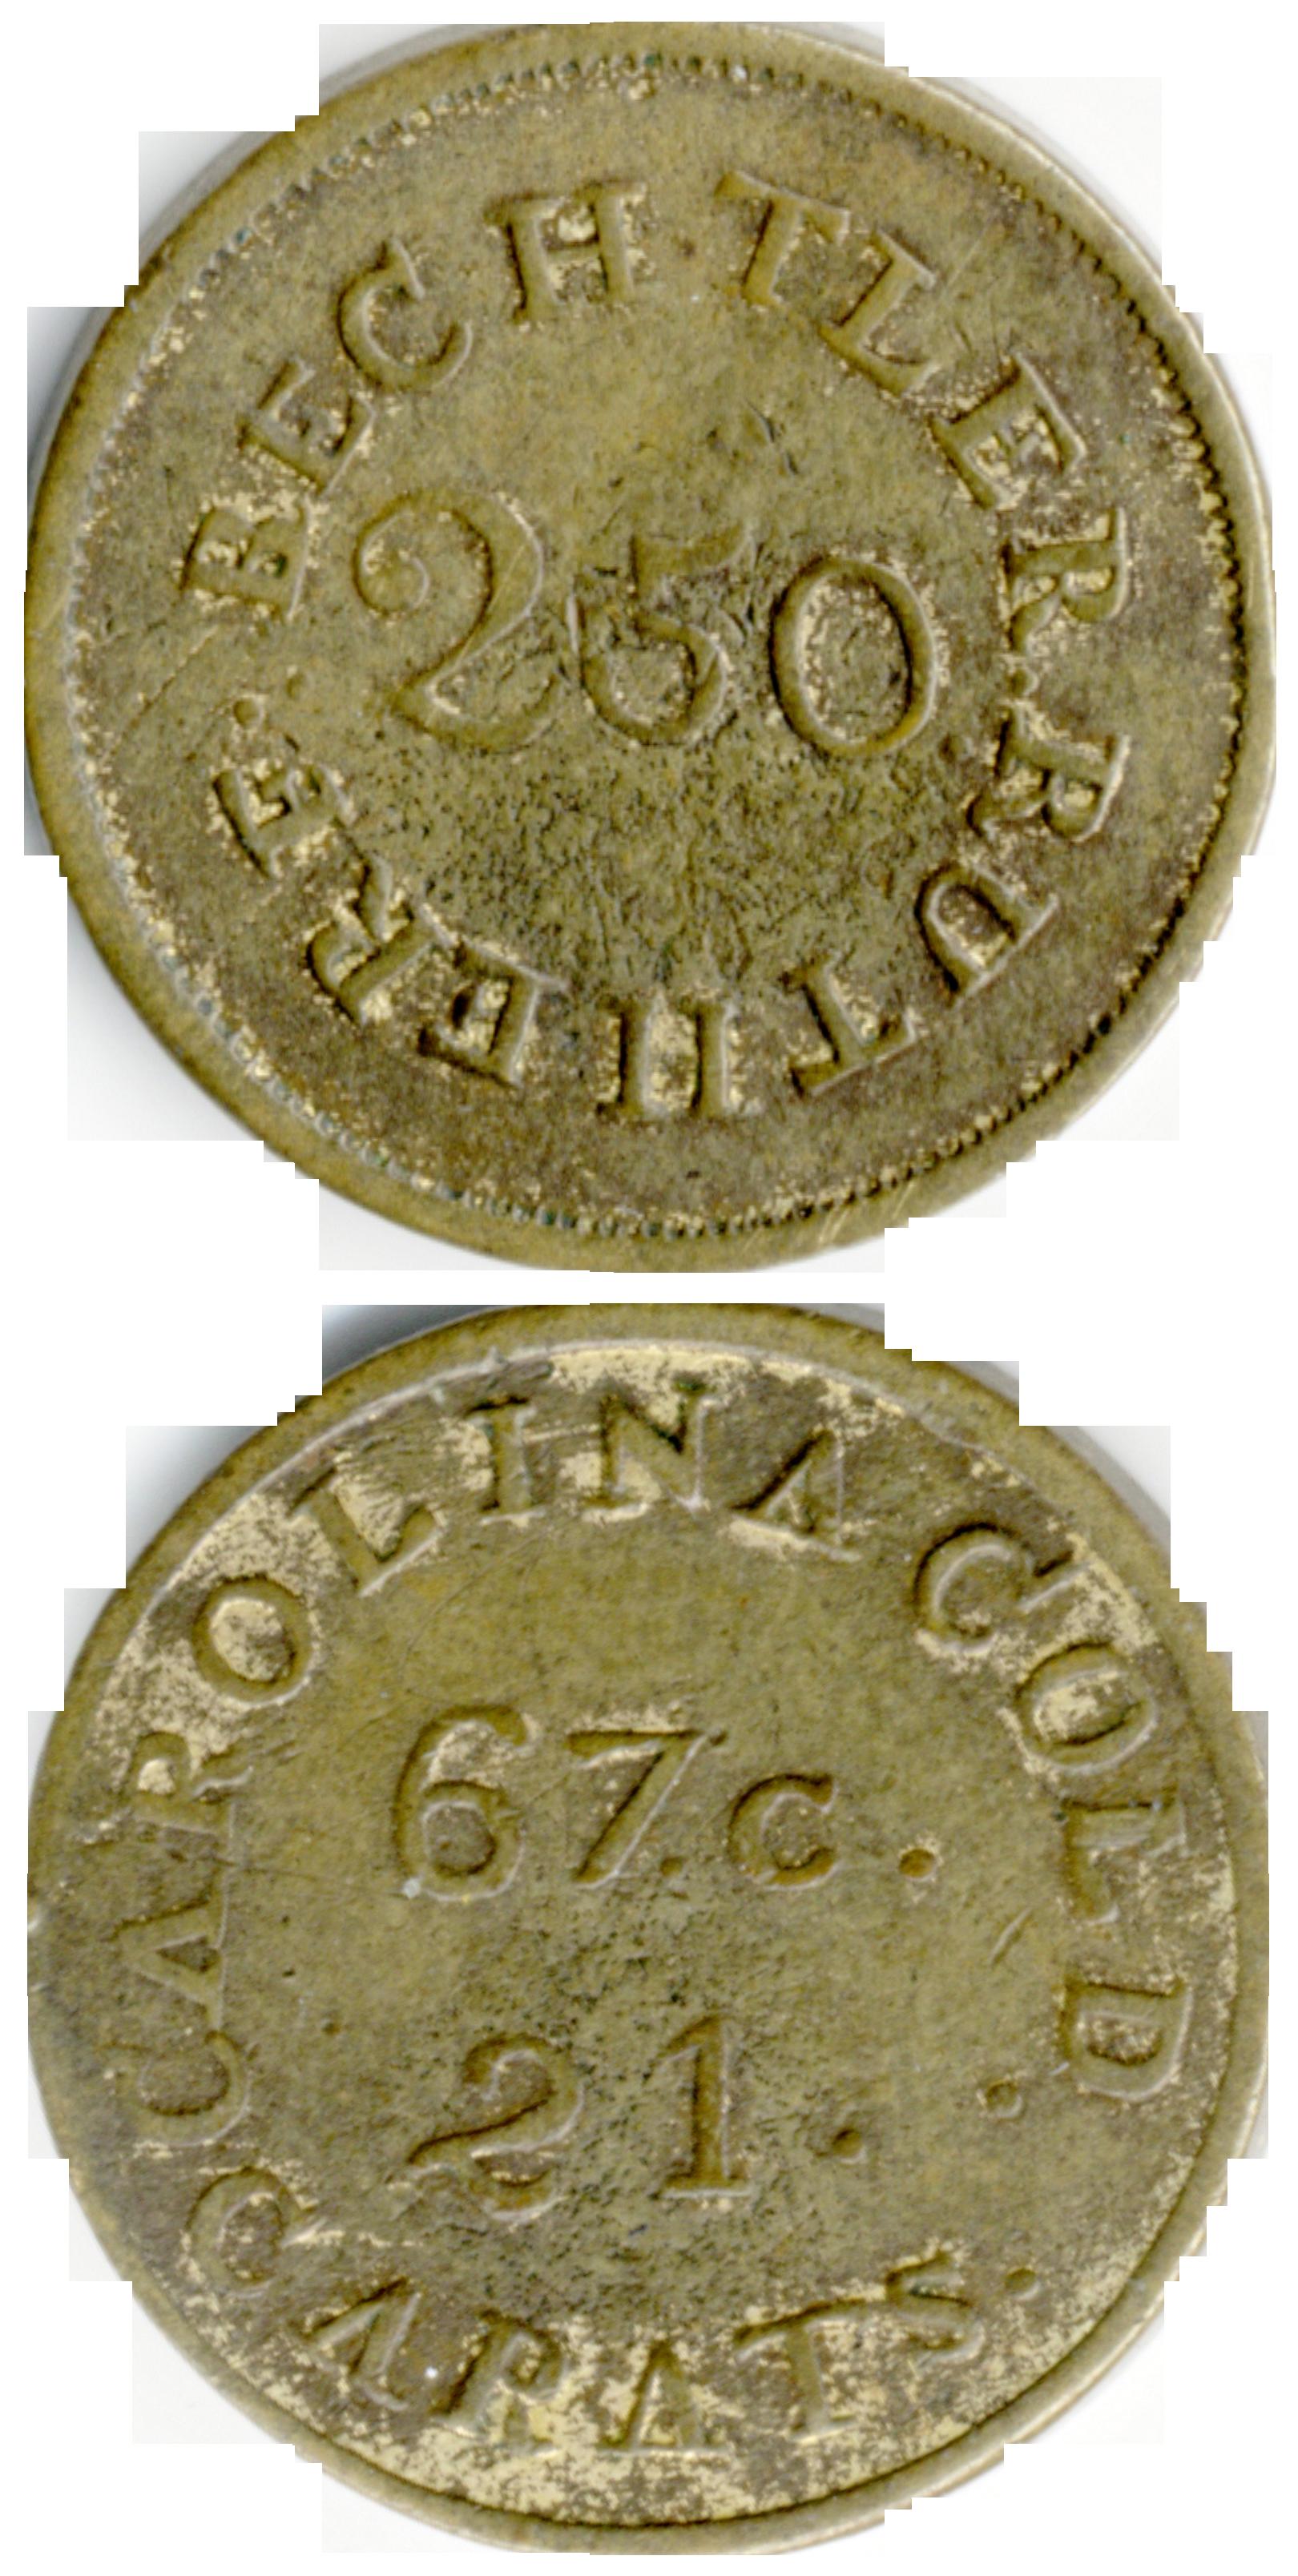 Bechtler $2.50 gold coin, counterfeit